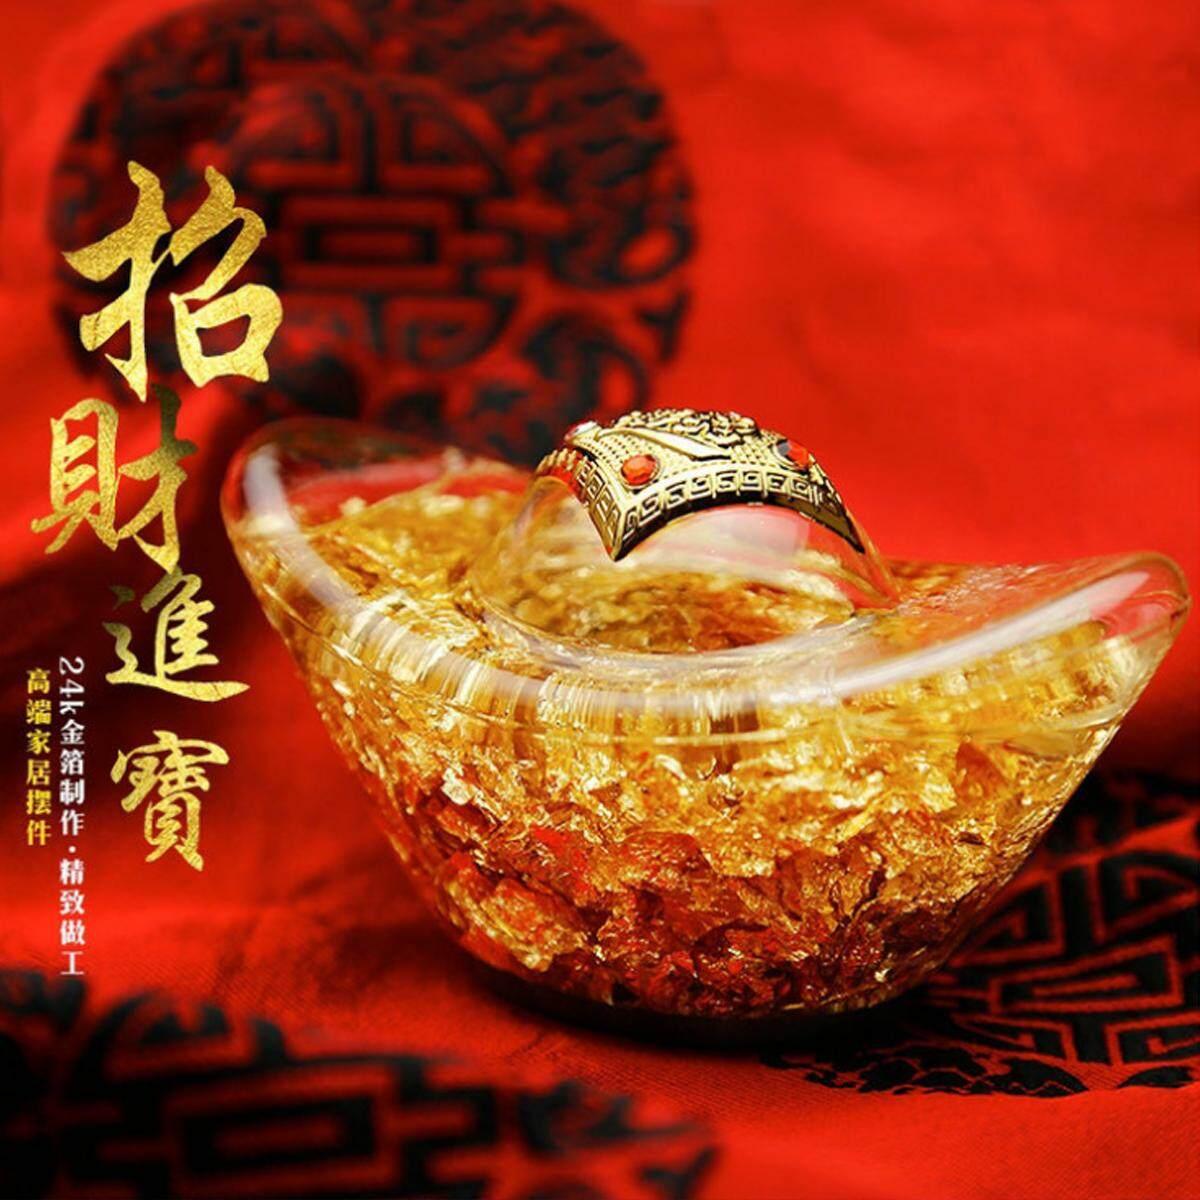 """กิมตุ้ง ถ้วยทอง ของขวัญ เงินทองคำโชคดี ทองคำ 24K ในน้ำ สวยมาก พร้อมกล่อง  วิเคราะห์เลขเด็ด """"ปฏิทินจีน 2562"""" ใช้ได้ตลอดทั้งปี งวด 16 มิถุนายน 2562 76a390c35e32f11848bfc2f2a76e184b"""